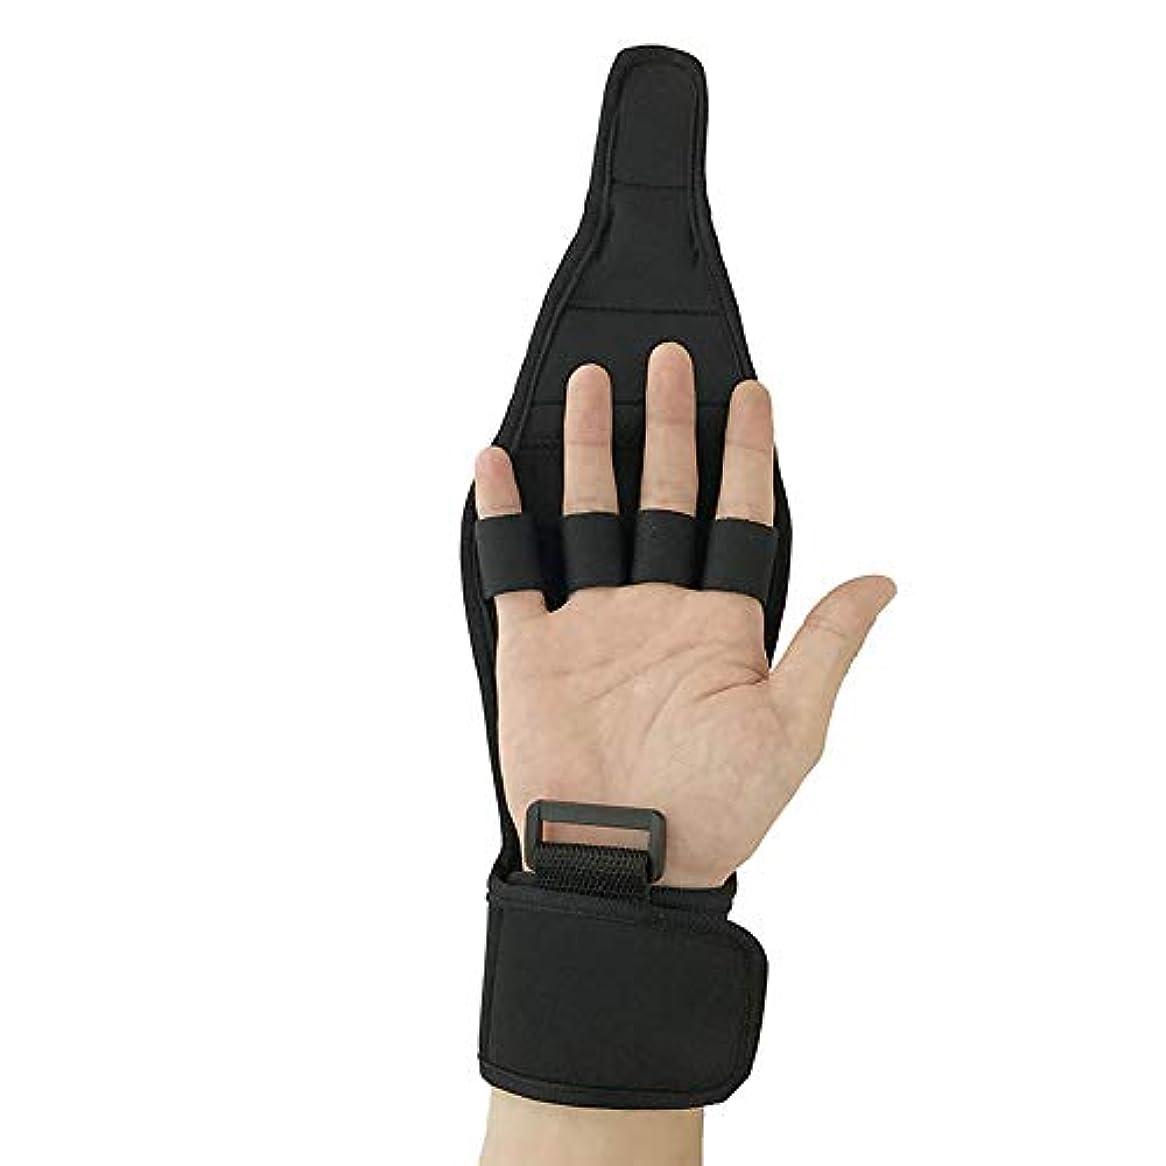 小人リアルいじめっ子トレーニング用手袋、フォースリハビリテーション用手袋、調節可能な伸縮性抗痙性耐久性、異なる手側用の指副木ブレース